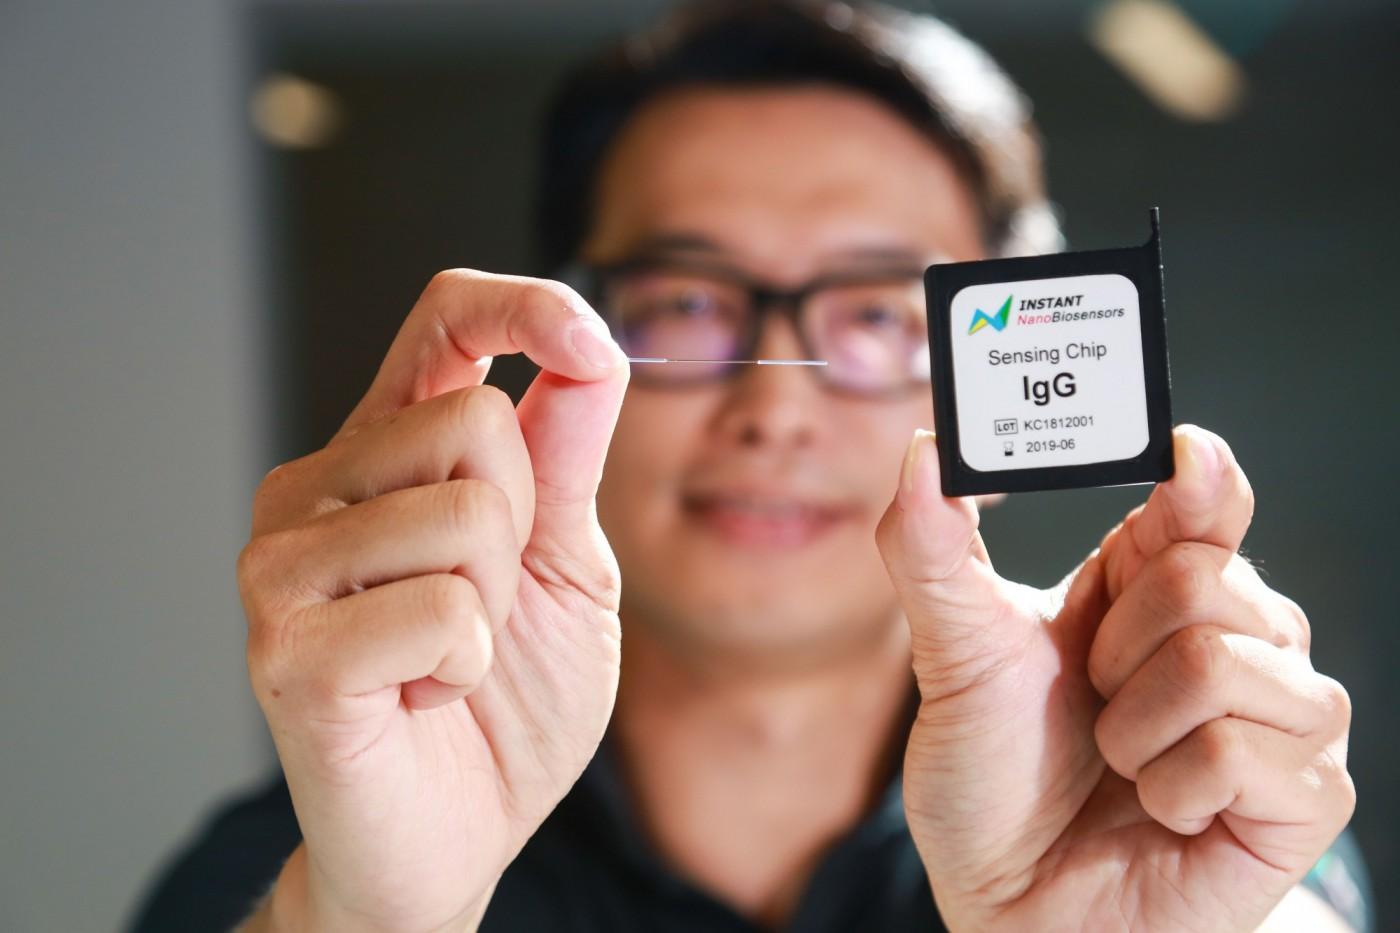 奈捷》世界首創光感測診斷醫材 鏈結美國醫藥贏商機